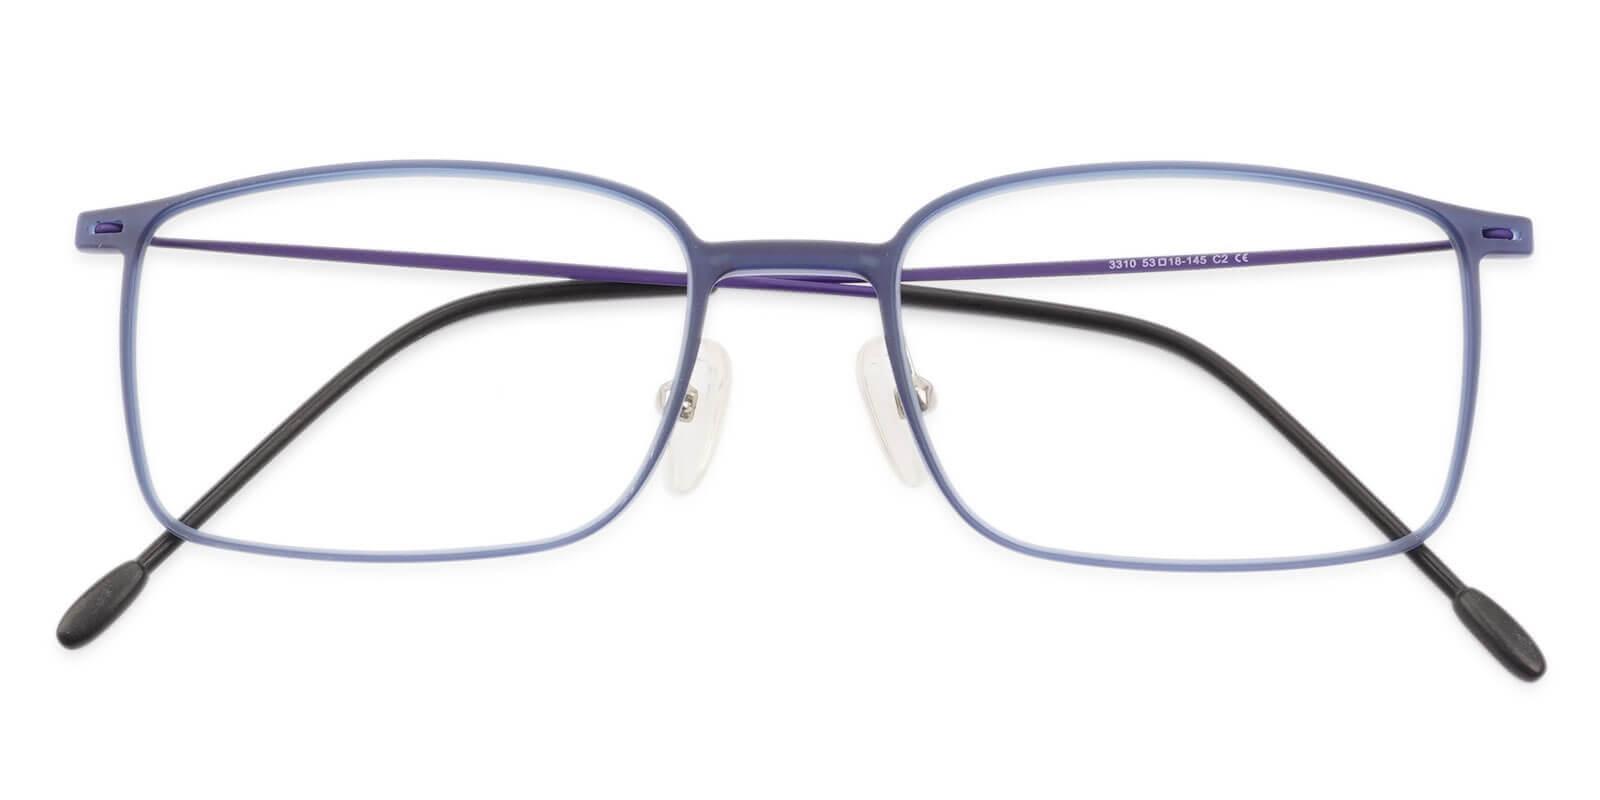 Philadelphia Blue Combination Lightweight , NosePads , Eyeglasses Frames from ABBE Glasses